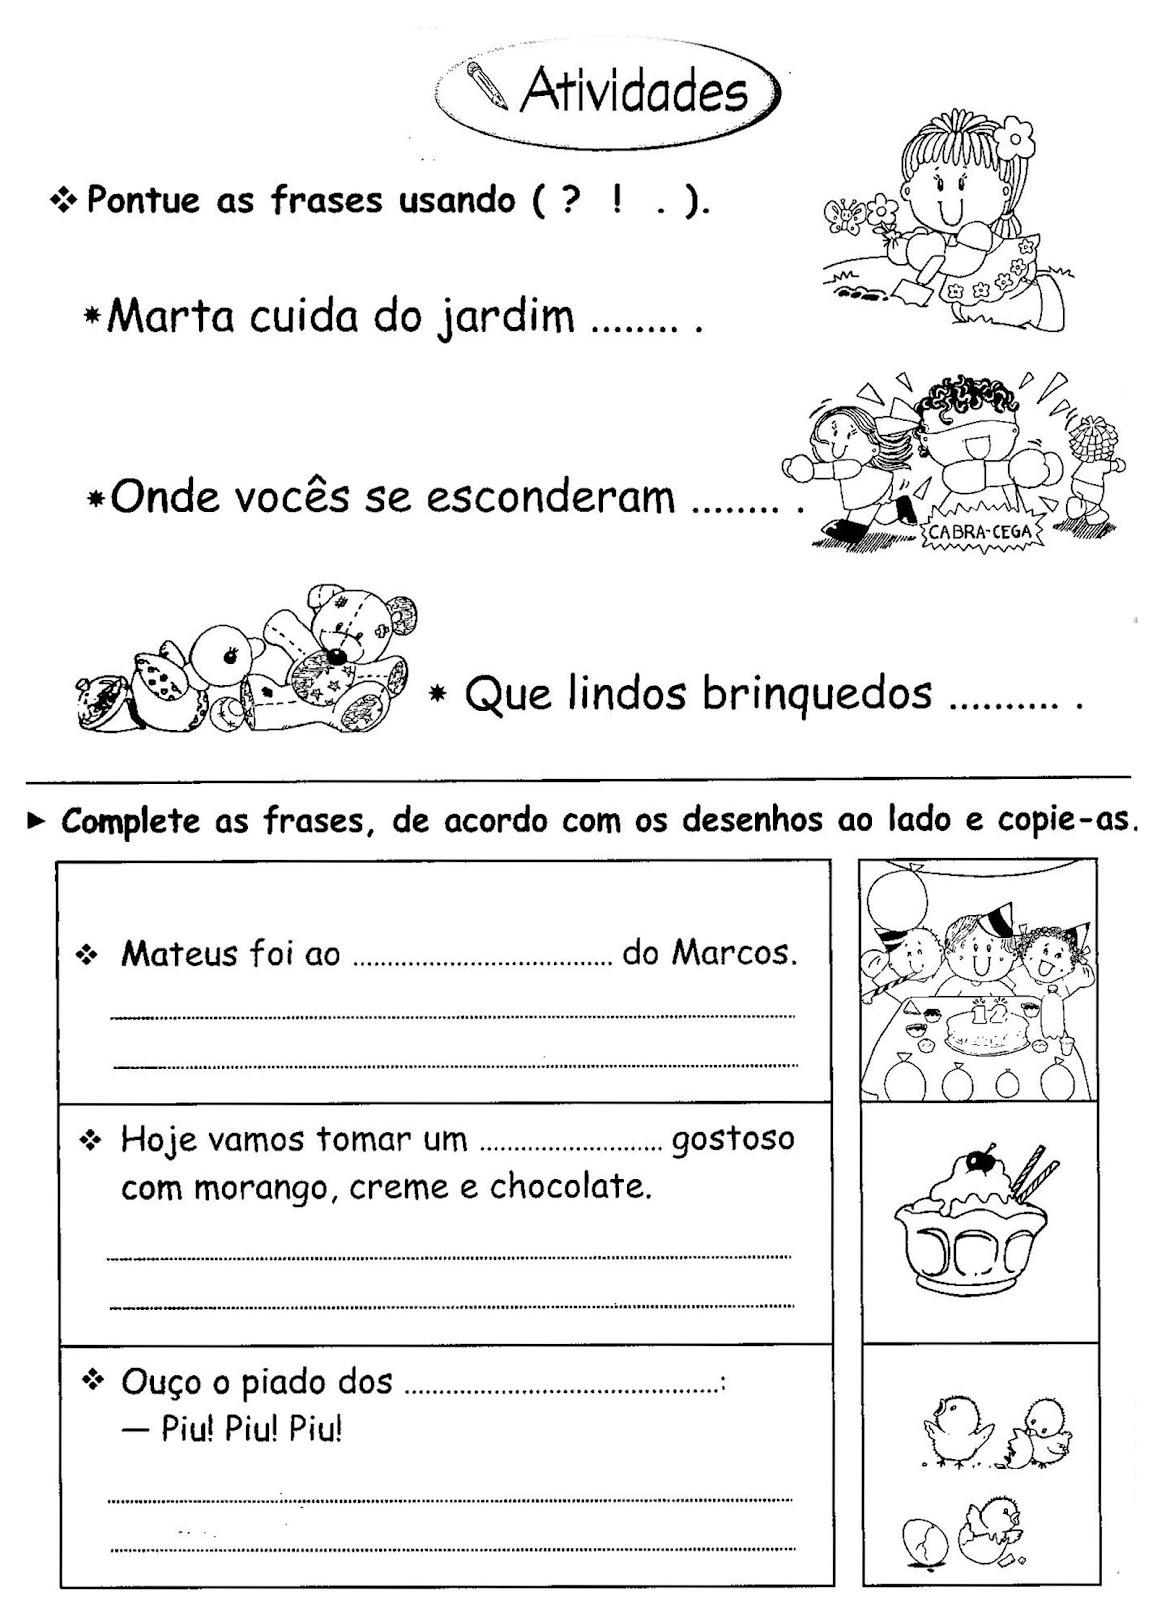 Portuguesa de ferias - 1 10